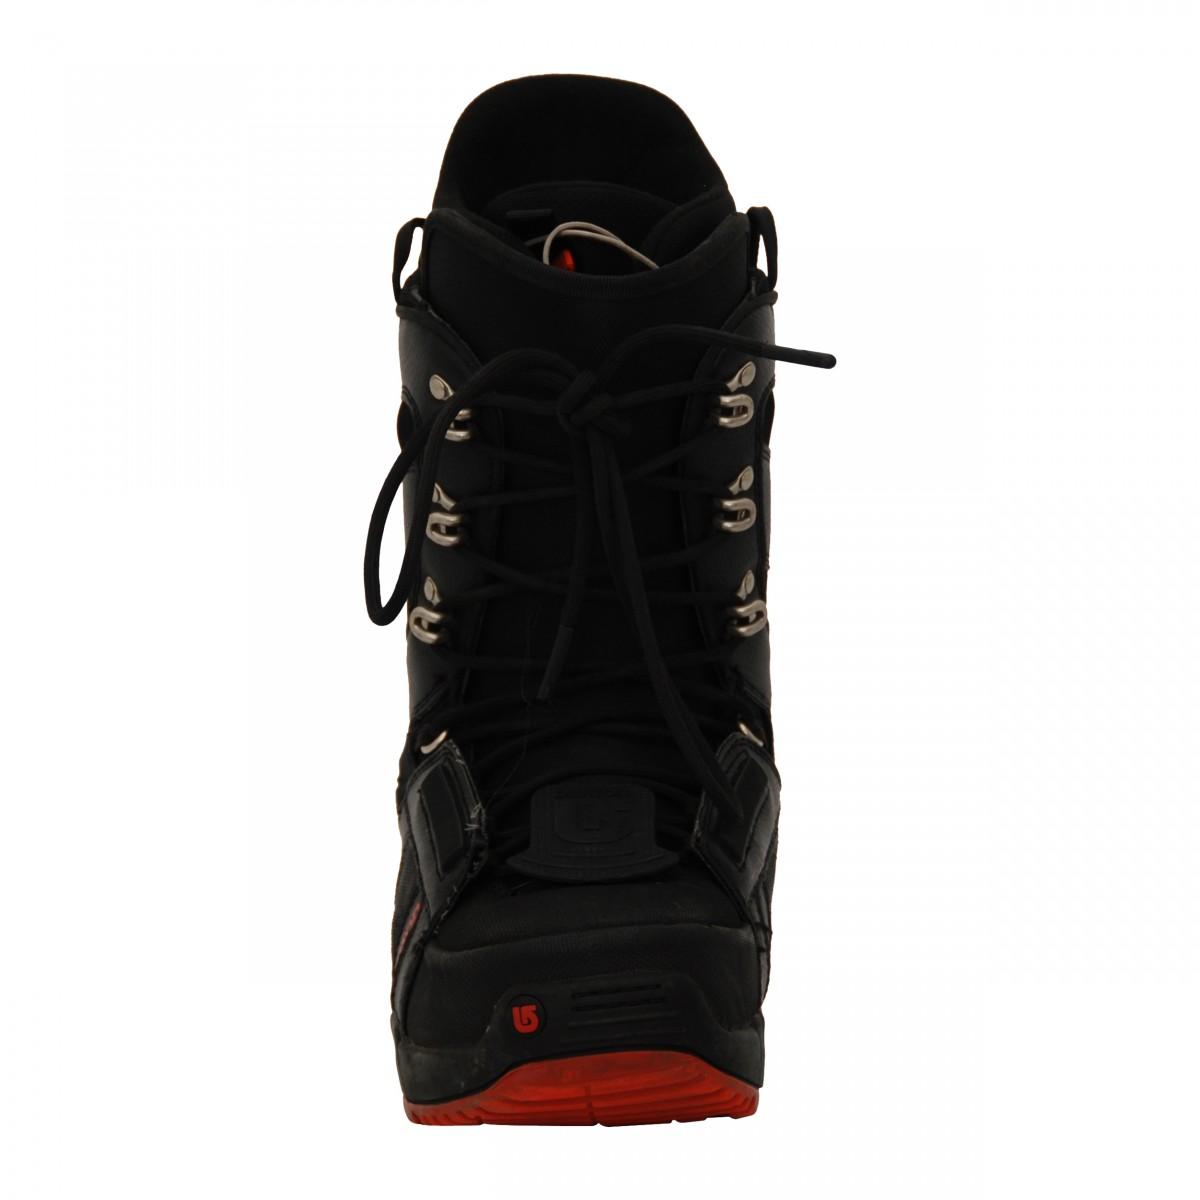 Boots-occasion-Burton-progression-noir-rouge miniature 5